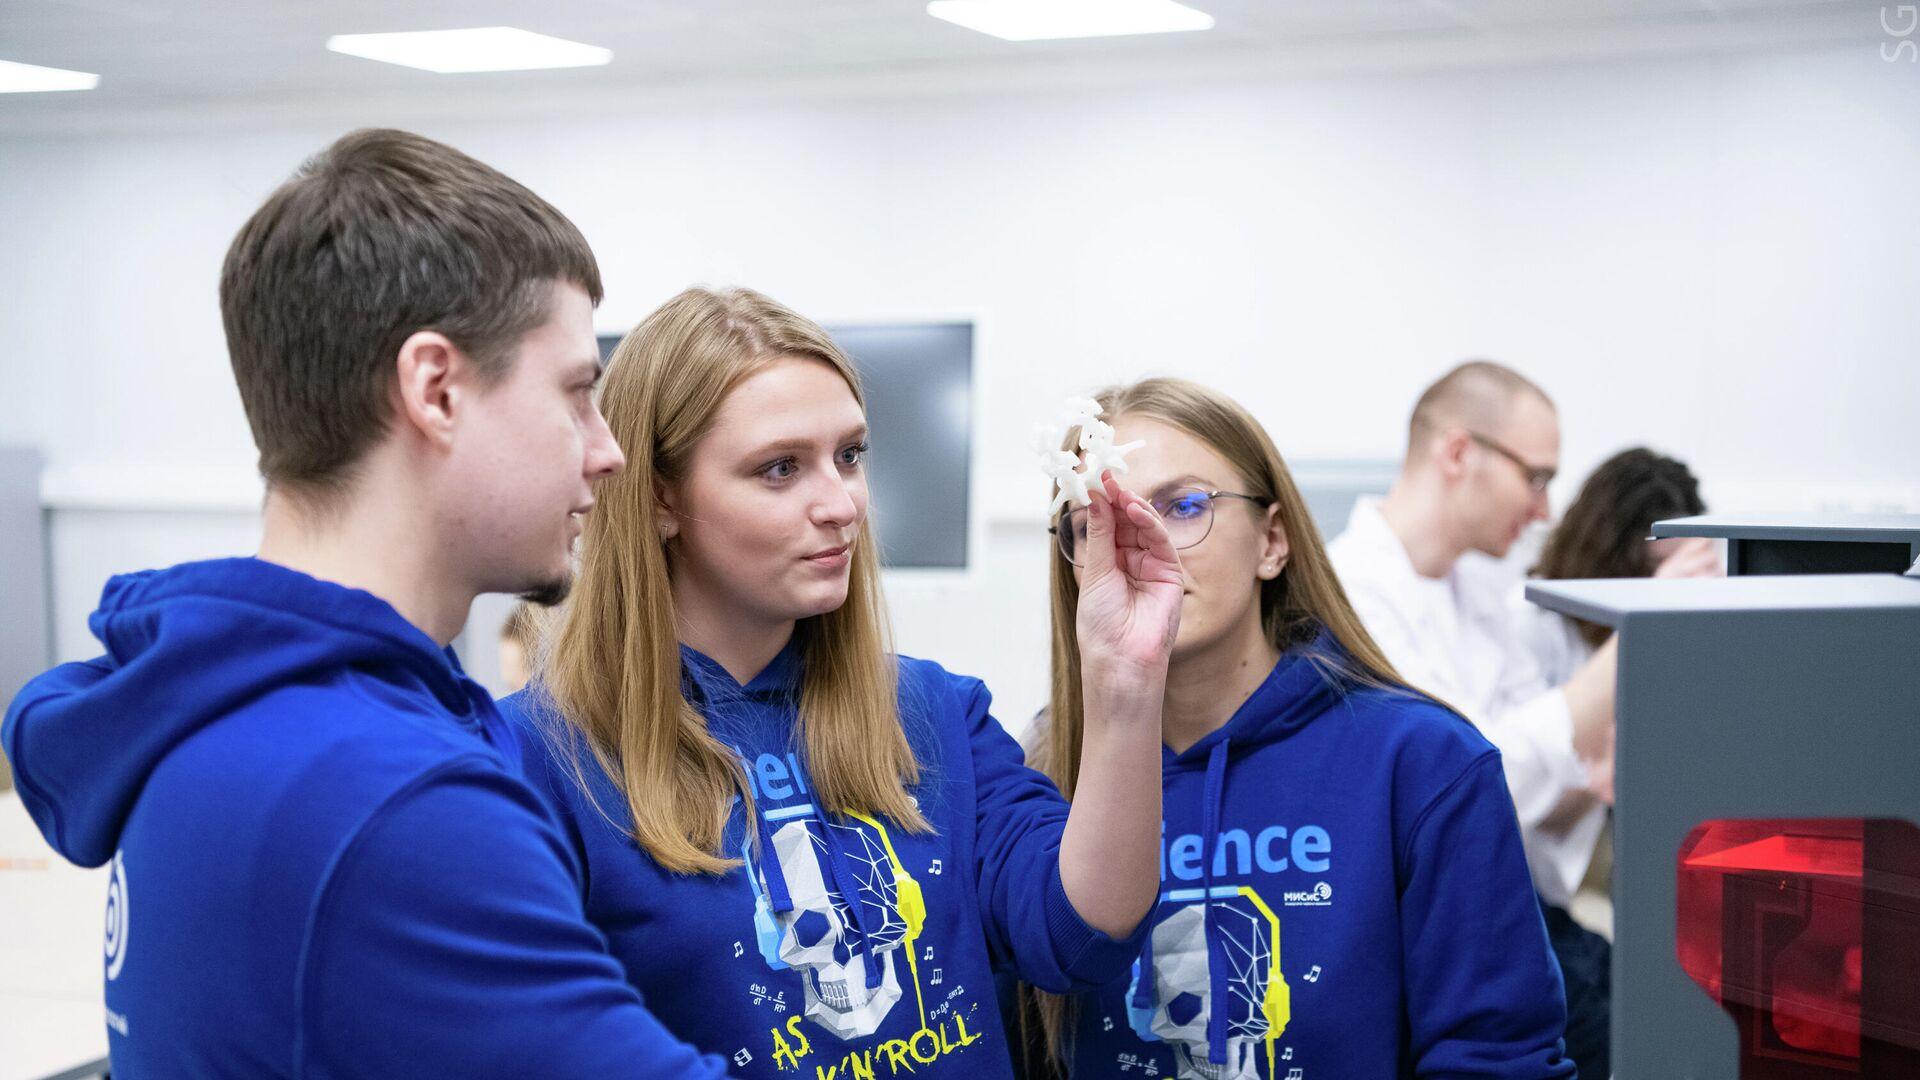 Científicos rusos mejoran la tecnología de colocación automática de implantes  - Sputnik Mundo, 1920, 14.09.2021